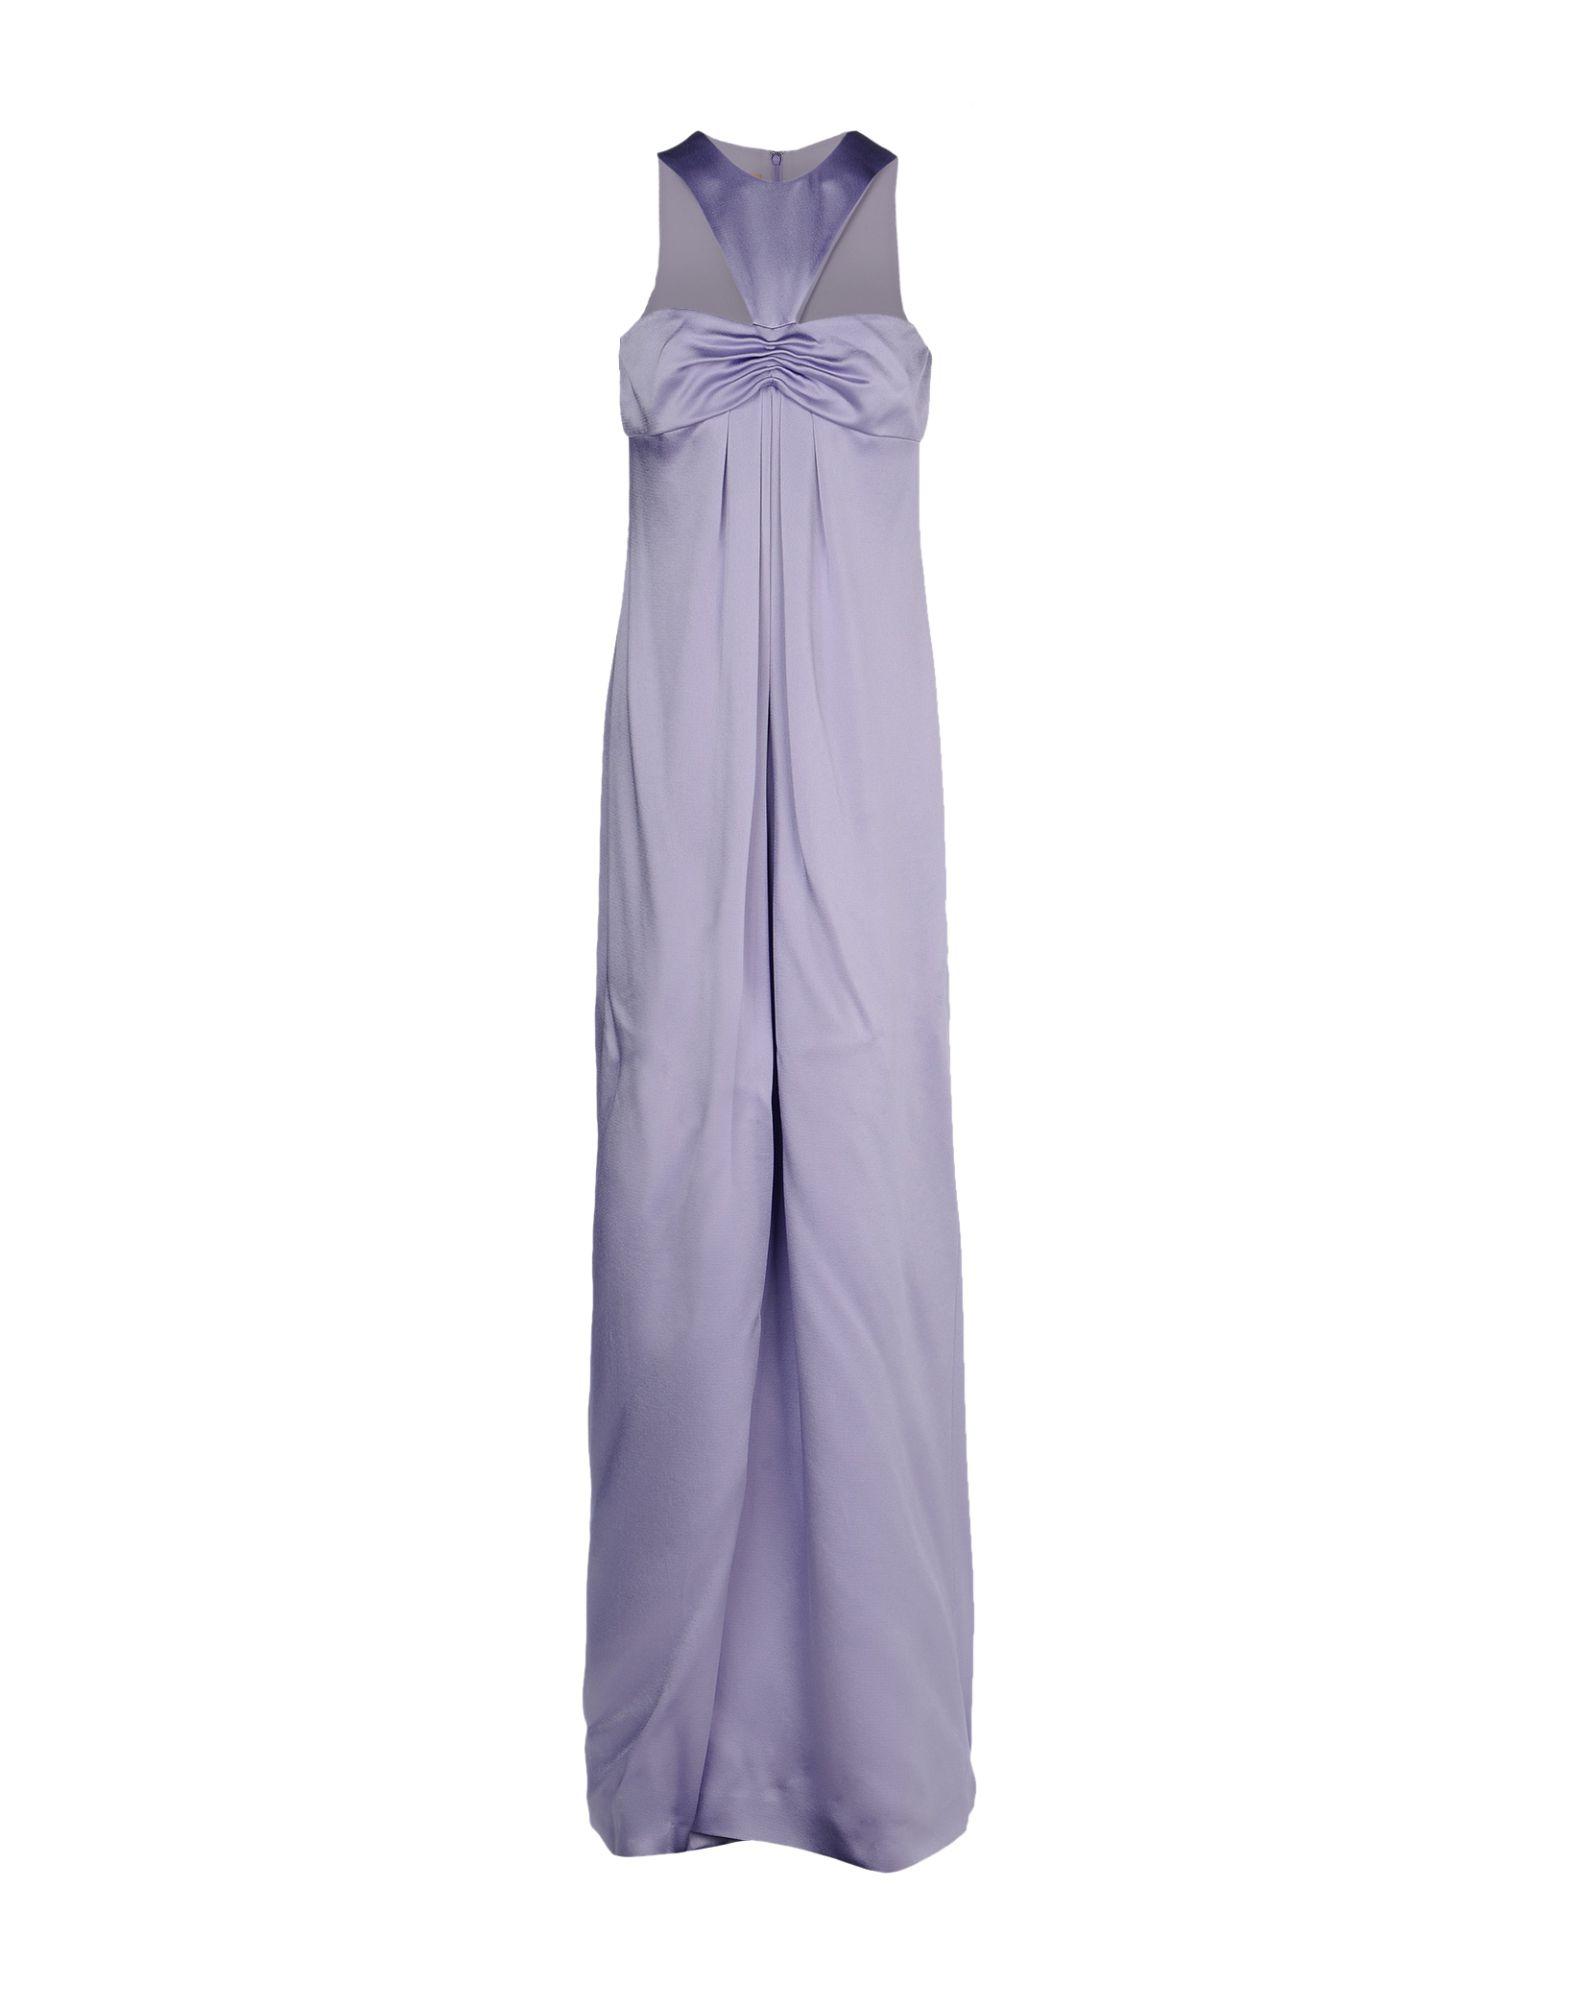 MICHAEL KORS Длинное платье платье короткое спереди длинное сзади летнее